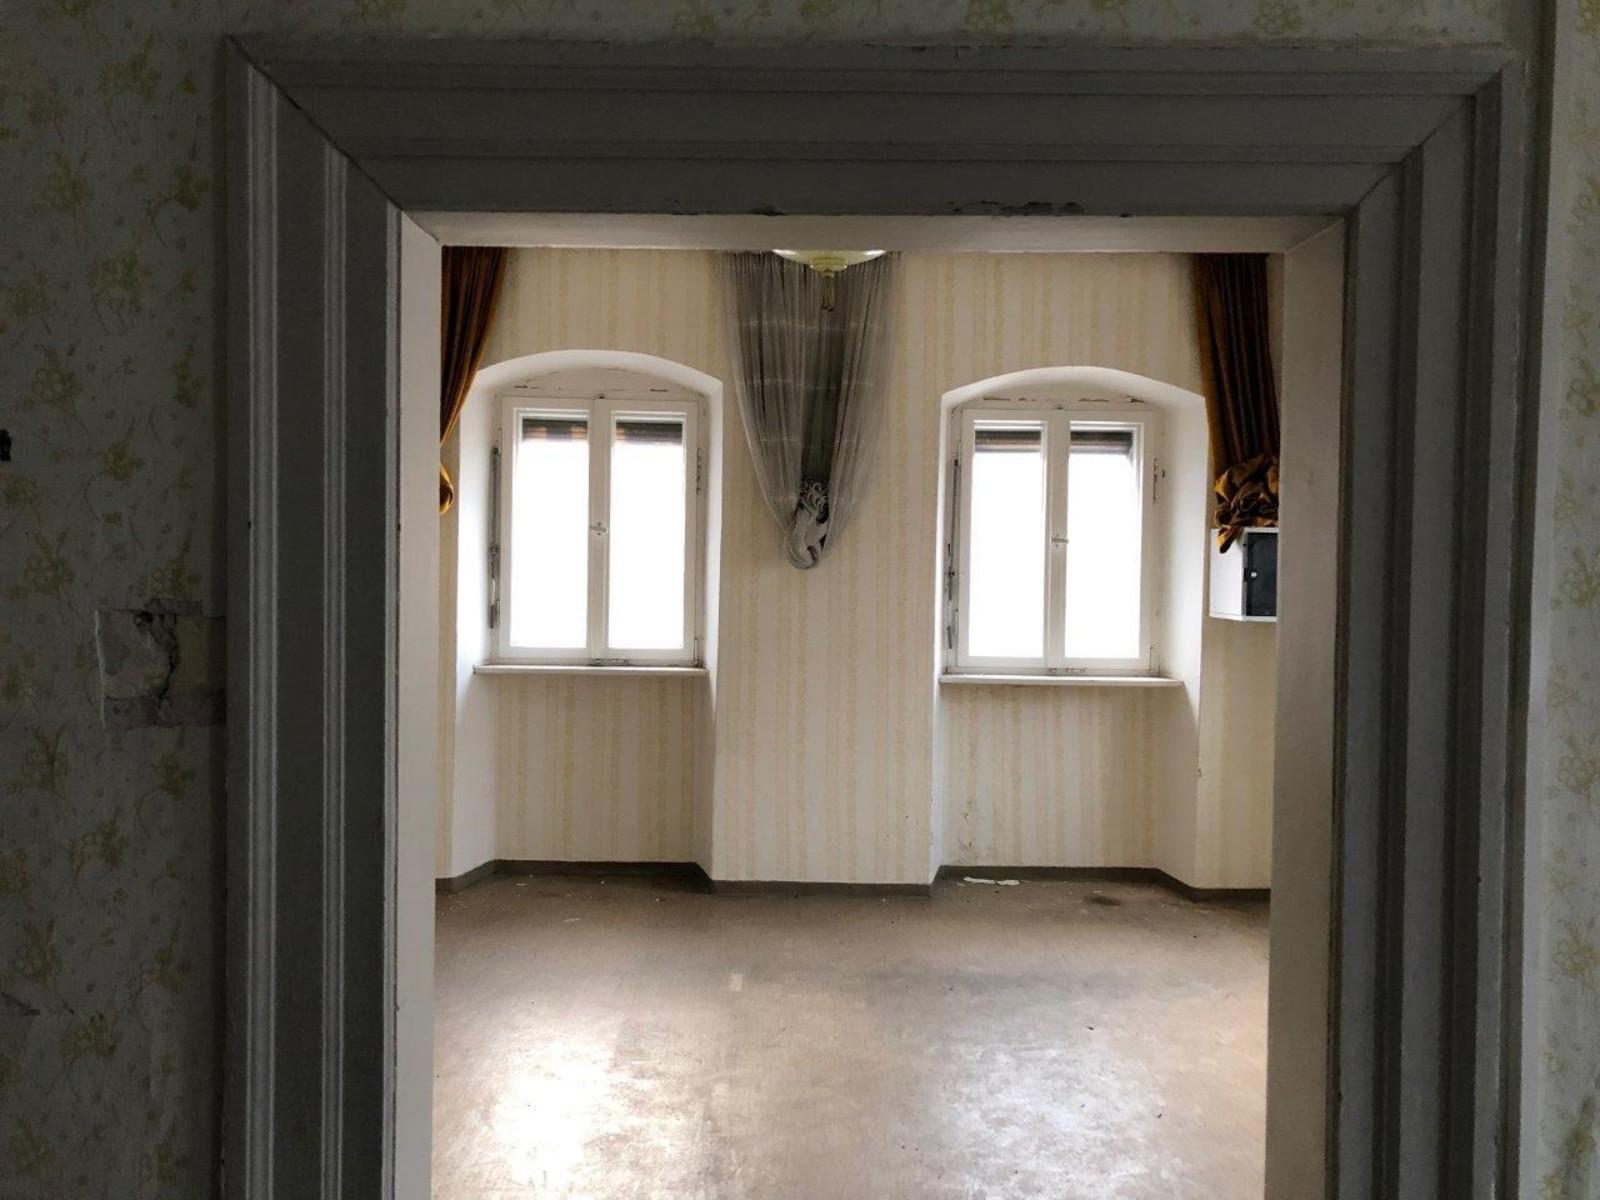 Für das leer stehende Gebäude der früheren Hösl-Bäckerei wird eine Nachfolgenutzung gesucht. Der KVU könnte sich unter passenden Rahmenbedingungen den (sanierten) Altbau als neues Kunstquartier vorstellen. Fotos: Roland Thaeder, MZ / Videos: Anna-Maria Ascherl, MZ